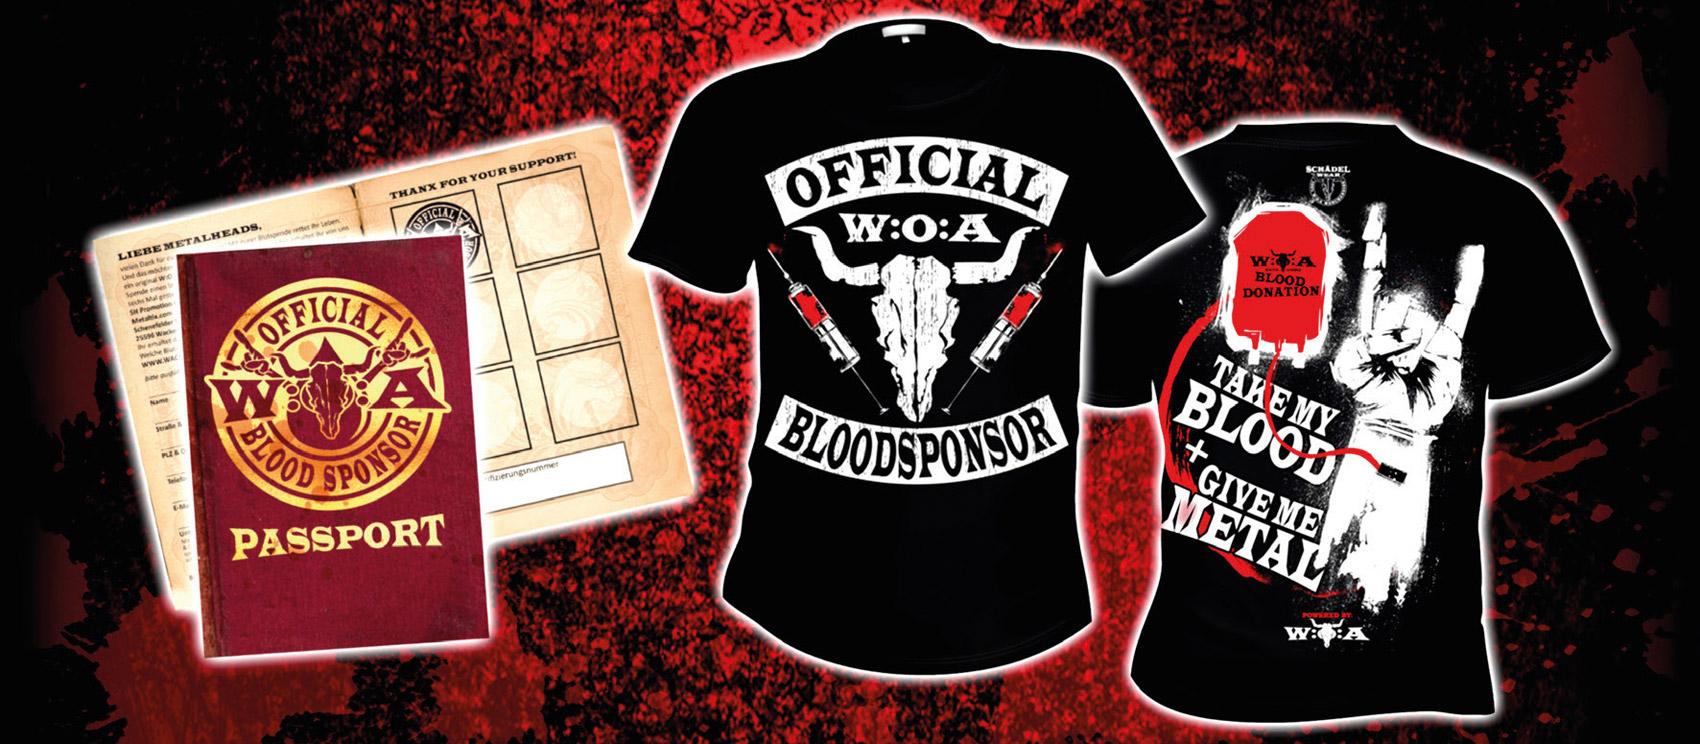 Blutspendepass und T-Shirt